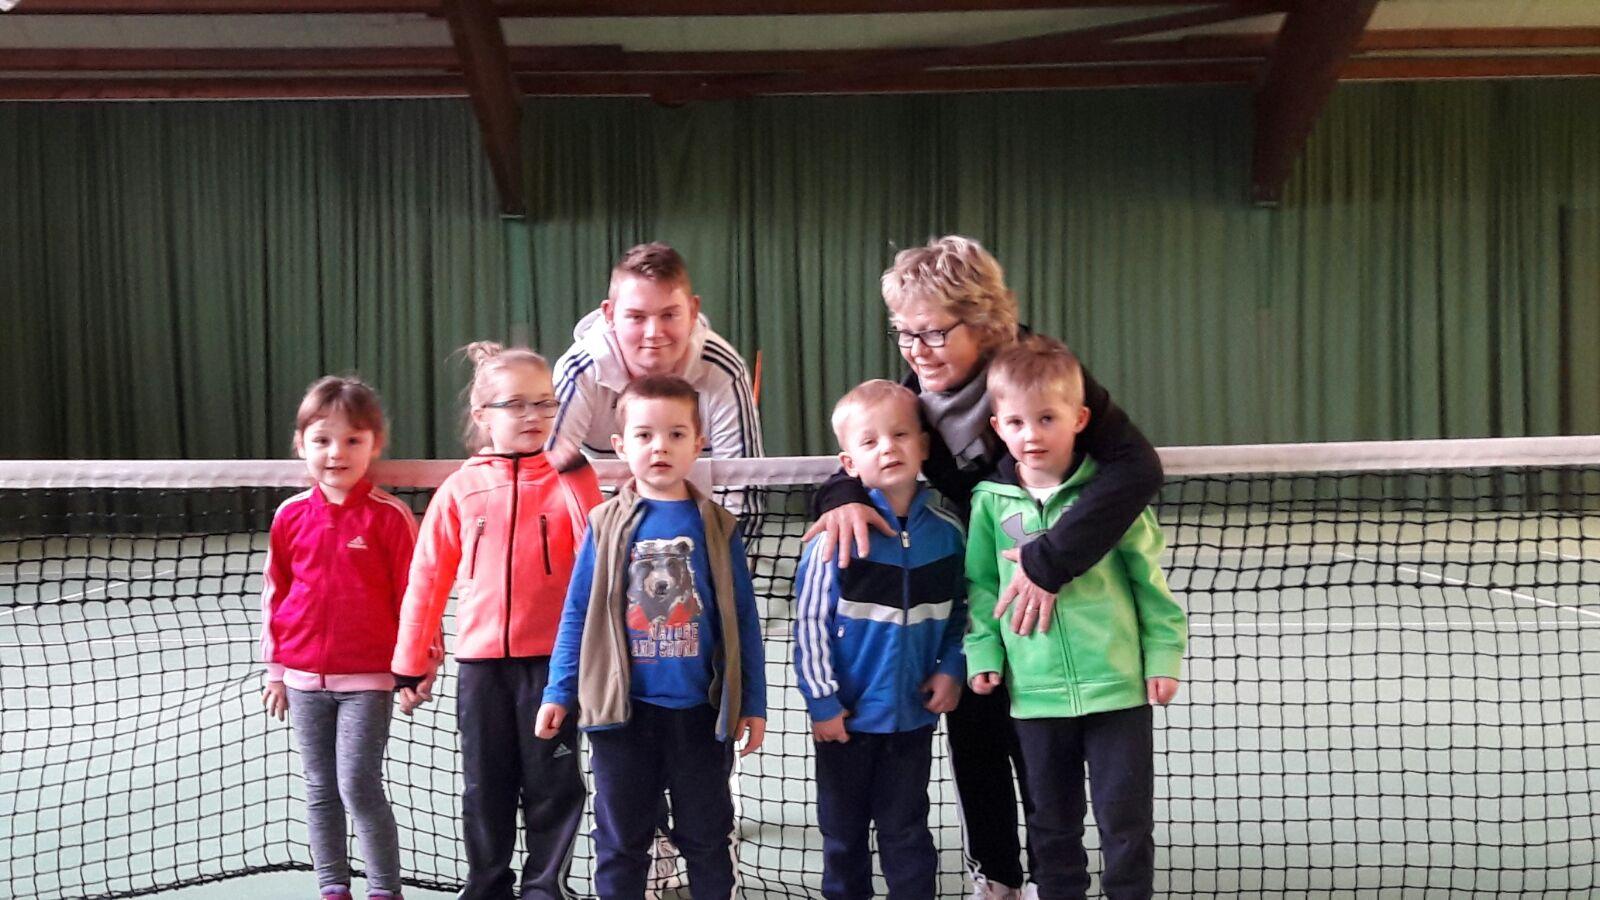 Übungsleiterin Anna Schwarz mit ihrem Assistenten Mirko Vick und unten von links Emile, Maxima, Benno, Marten und Till